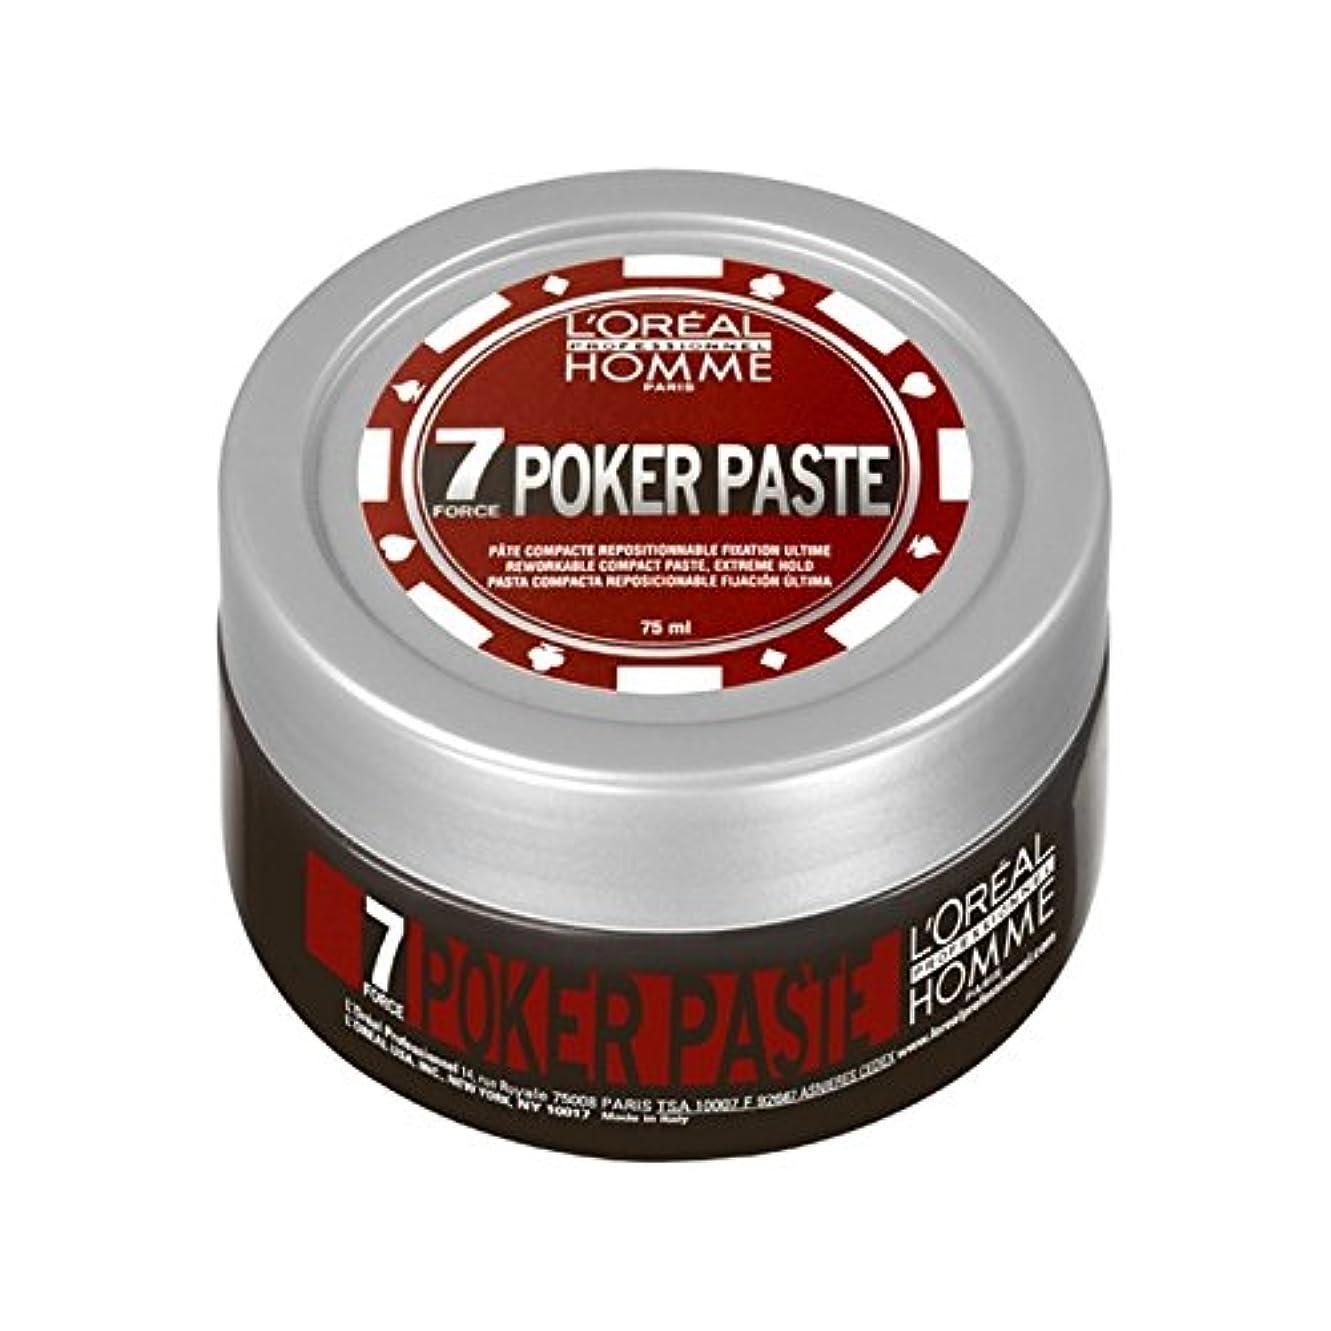 詩人ハーネス心配するロレアルプロオムポーカーペースト(75ミリリットル) x4 - L'Oreal Professional Homme Poker Paste (75ml) (Pack of 4) [並行輸入品]